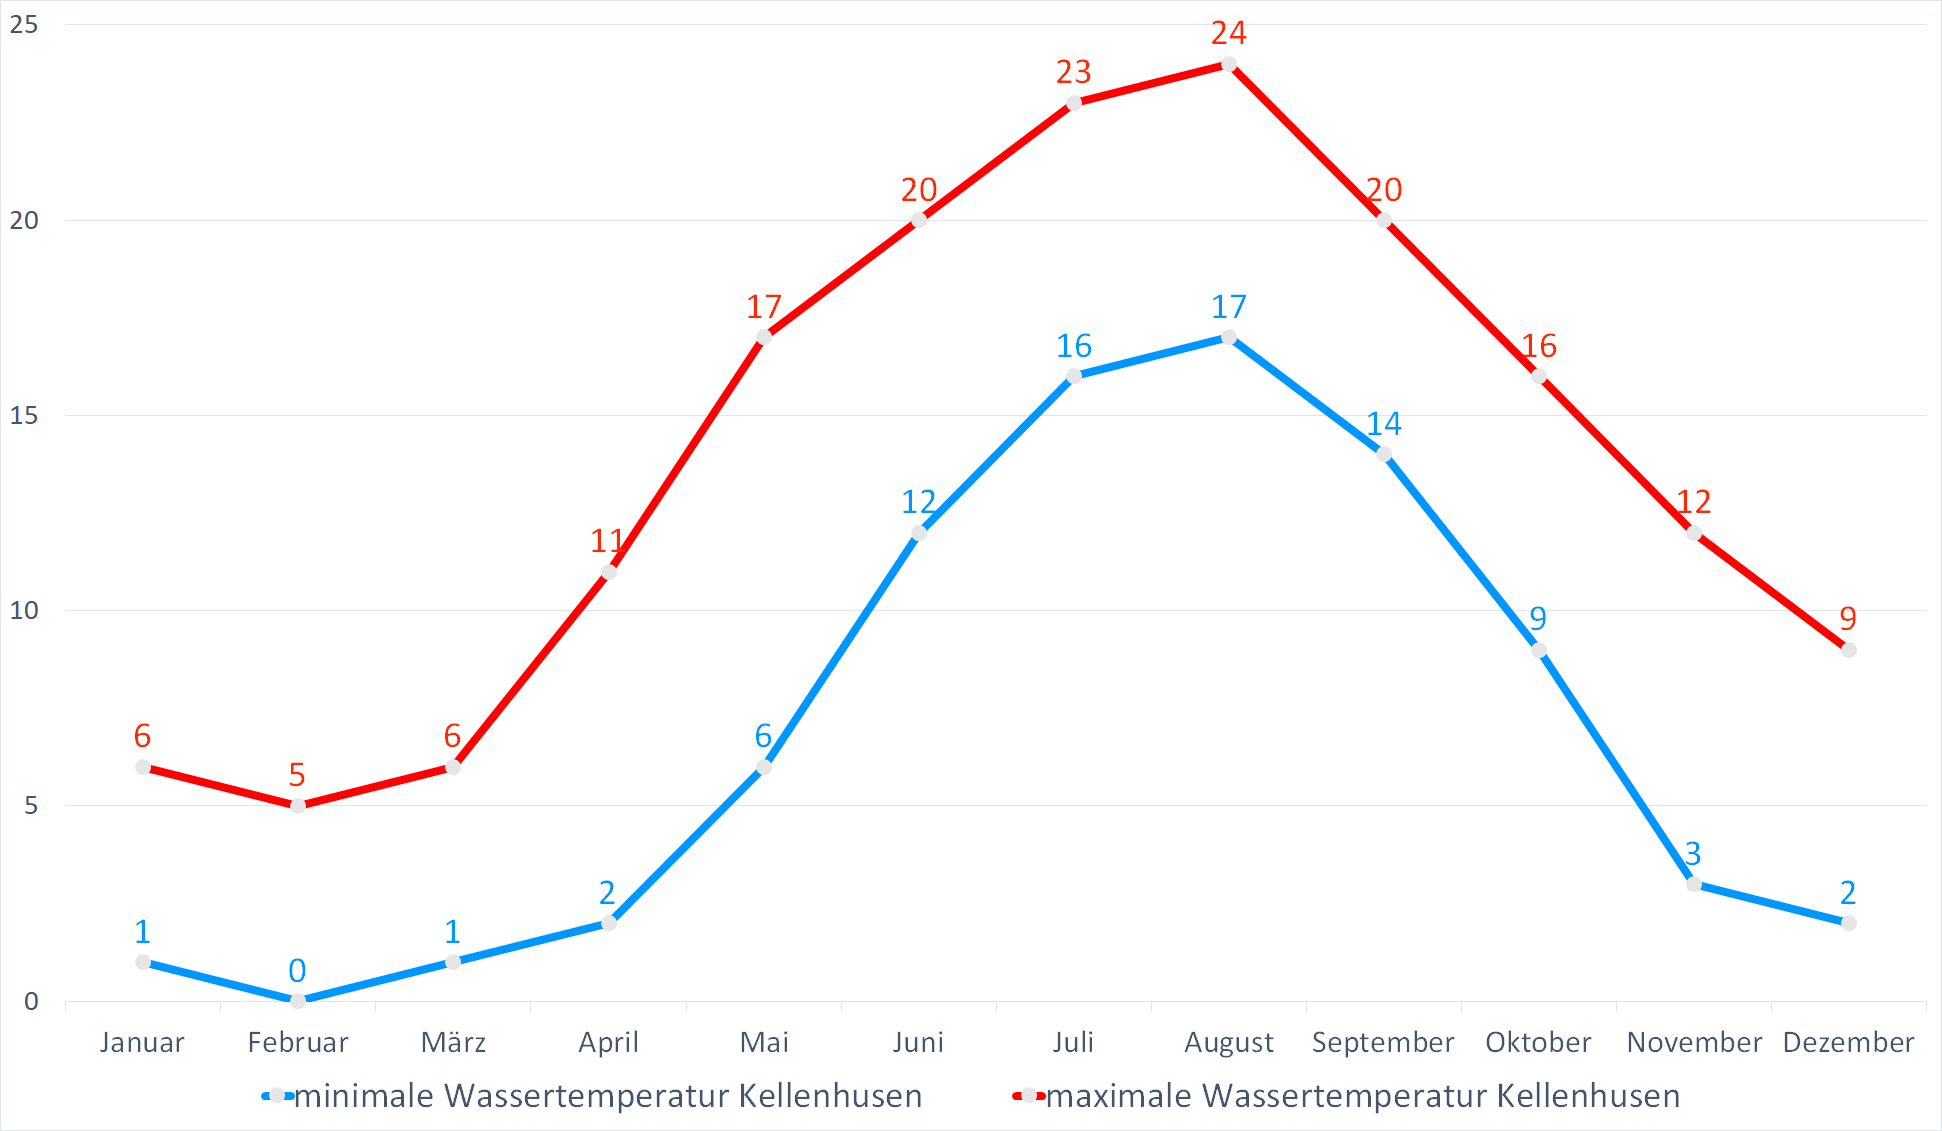 Minimale & Maximale Wassertemperaturen für Kellenhusen im Jahresverlauf